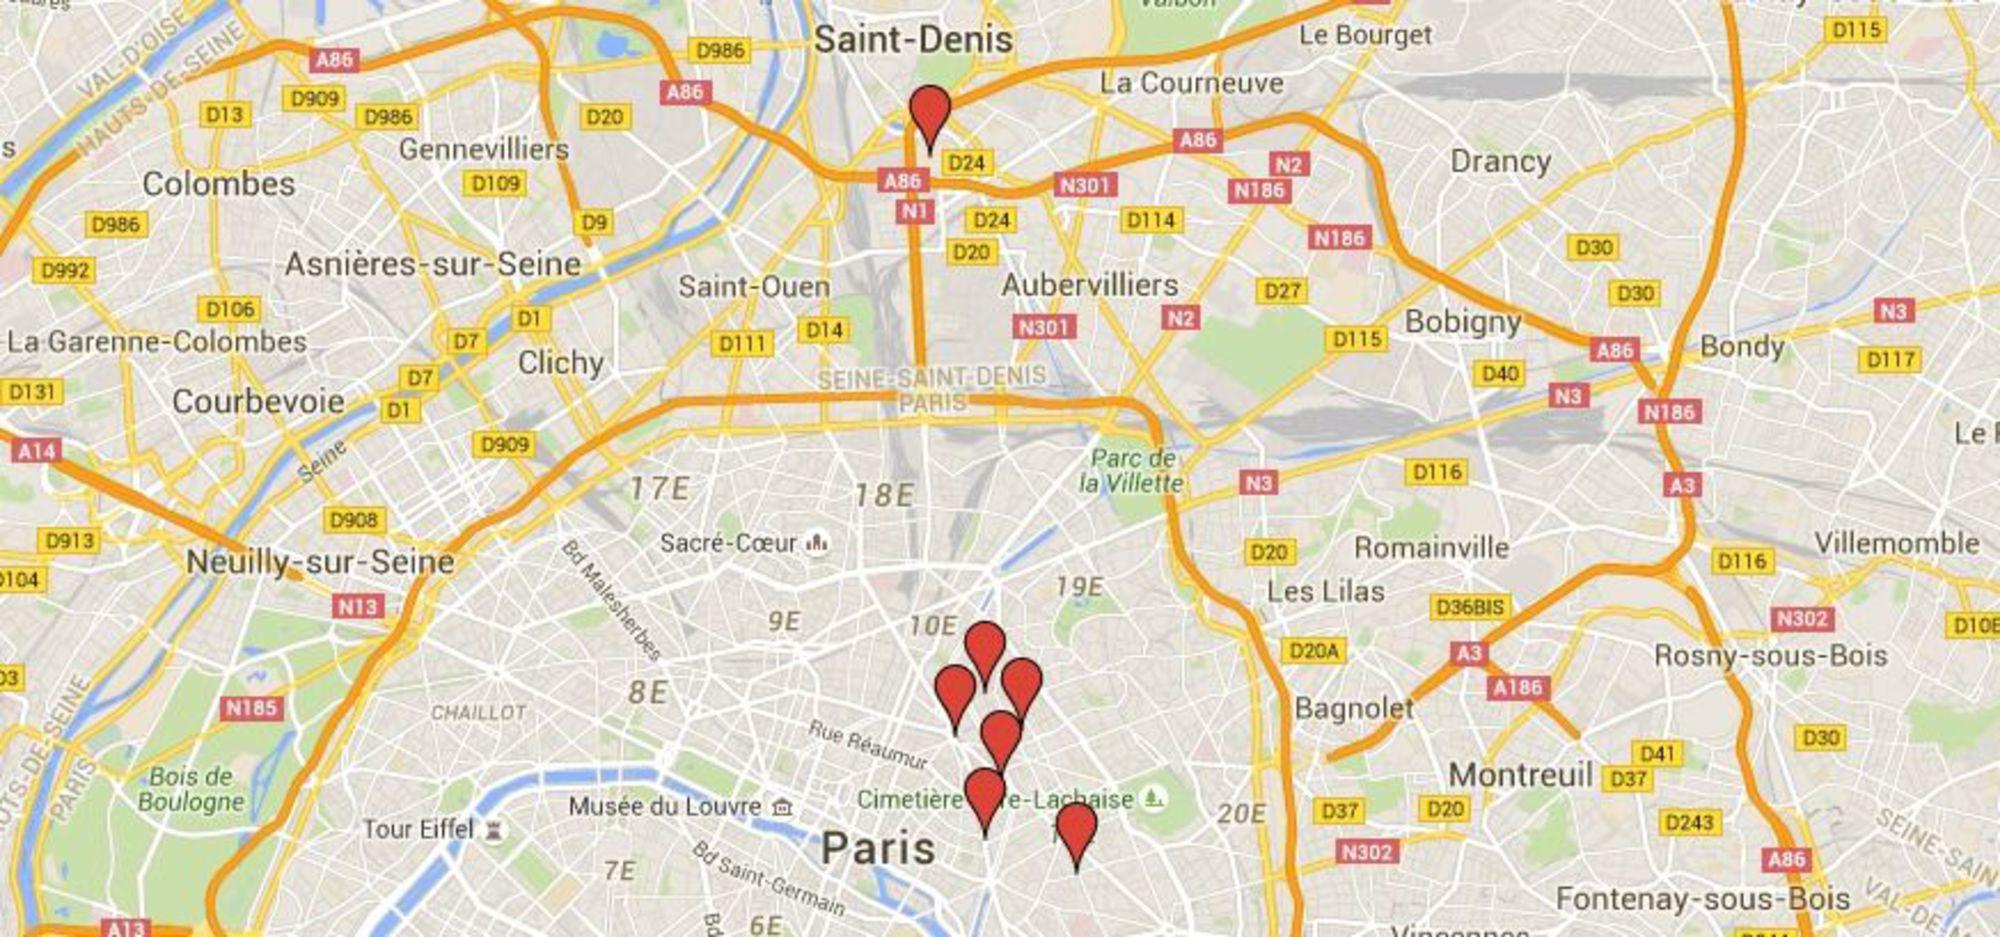 Ataki terrorystyczne w Paryżu – Aktualizacja na żywo …